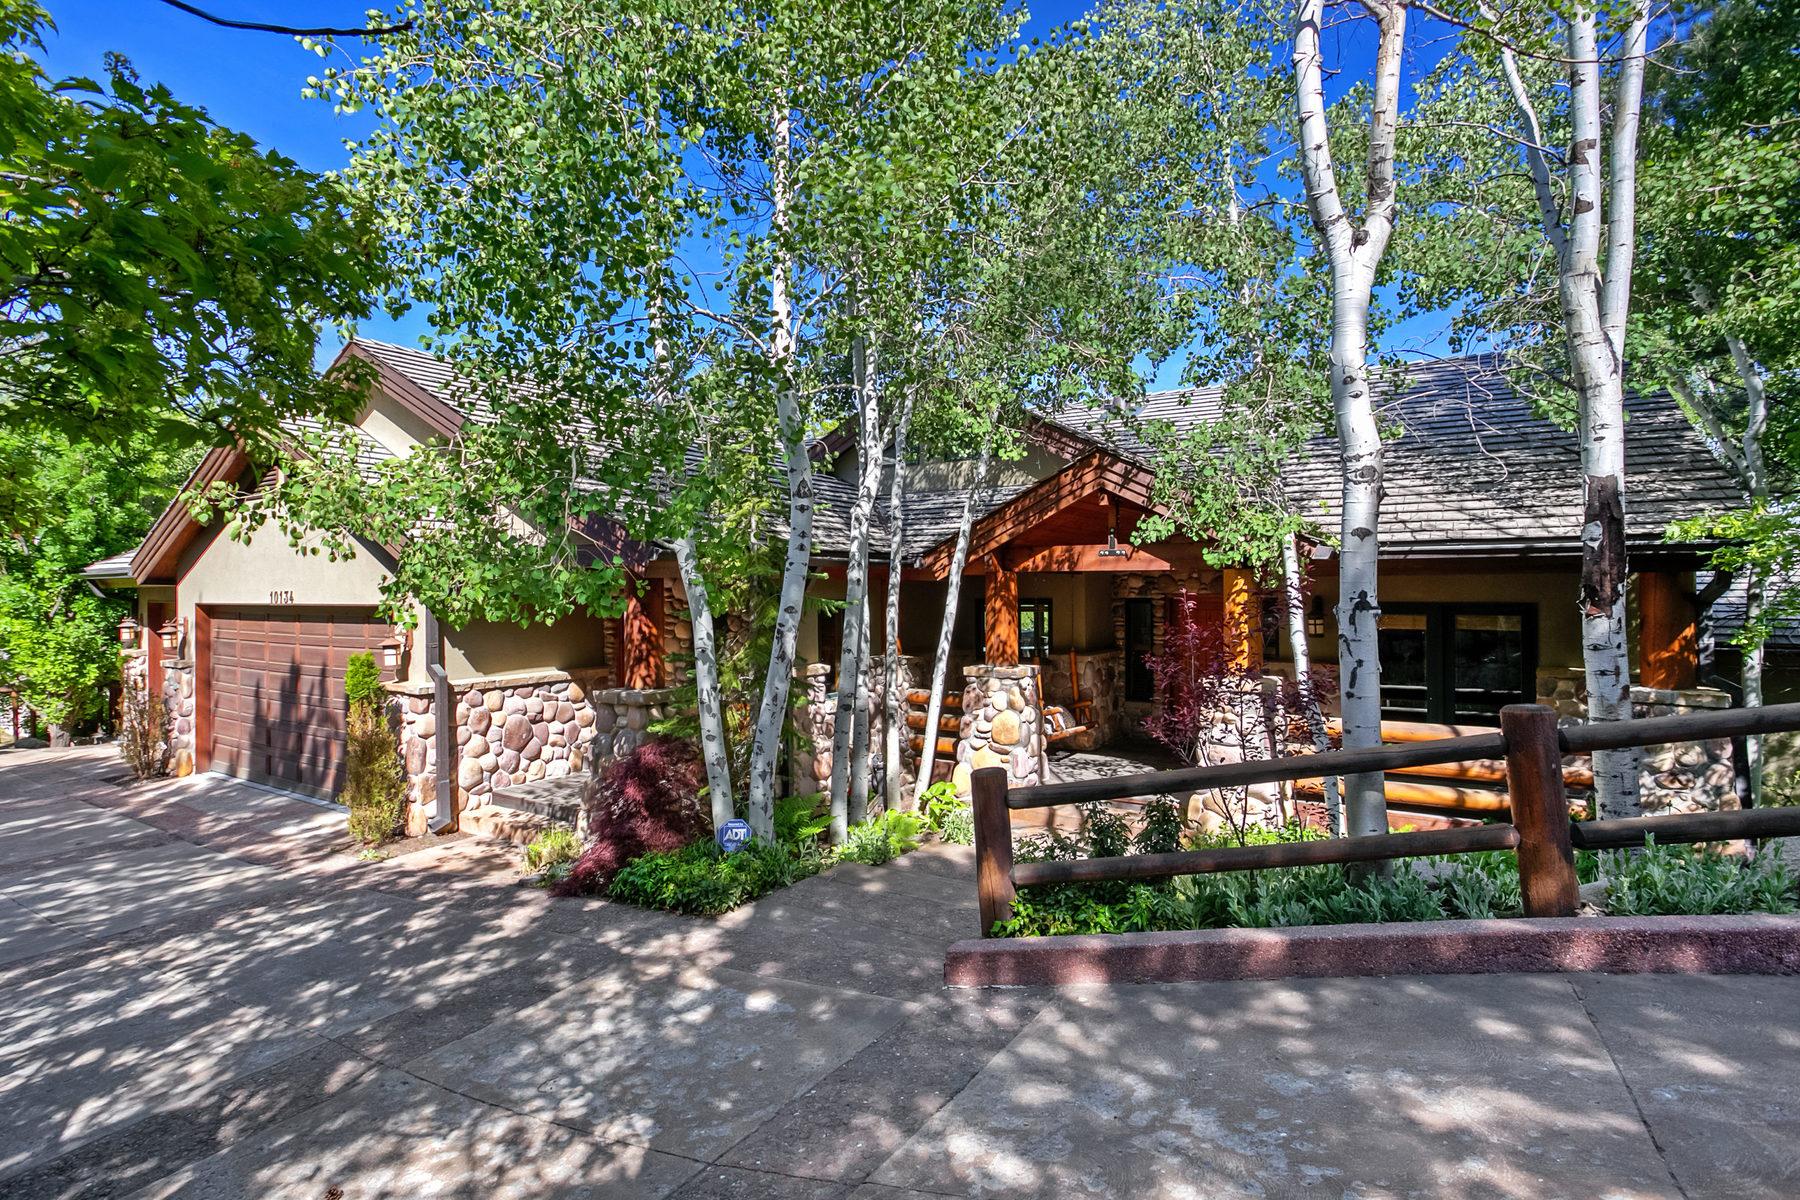 独户住宅 为 销售 在 Classic Mountain Retreat 10134 S Wasatch Blvd 桑迪, 犹他州, 84092 美国